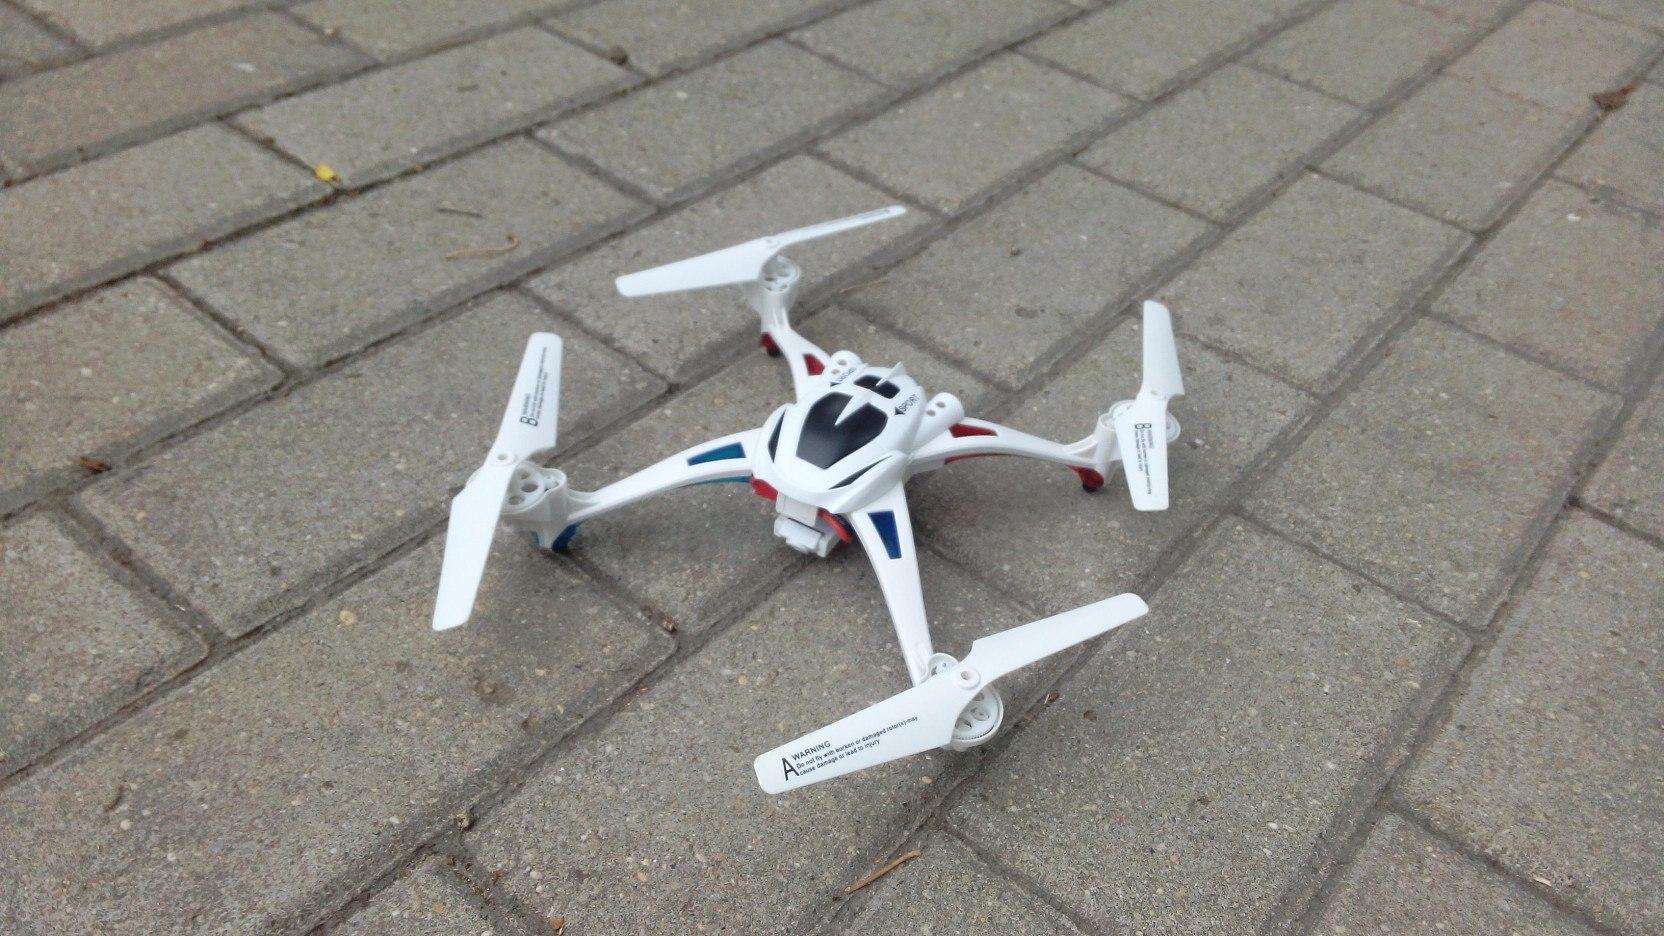 NIHUI TOYS U807 — неожиданно честный квадрокоптер с интересной камерой для 45$ - 1